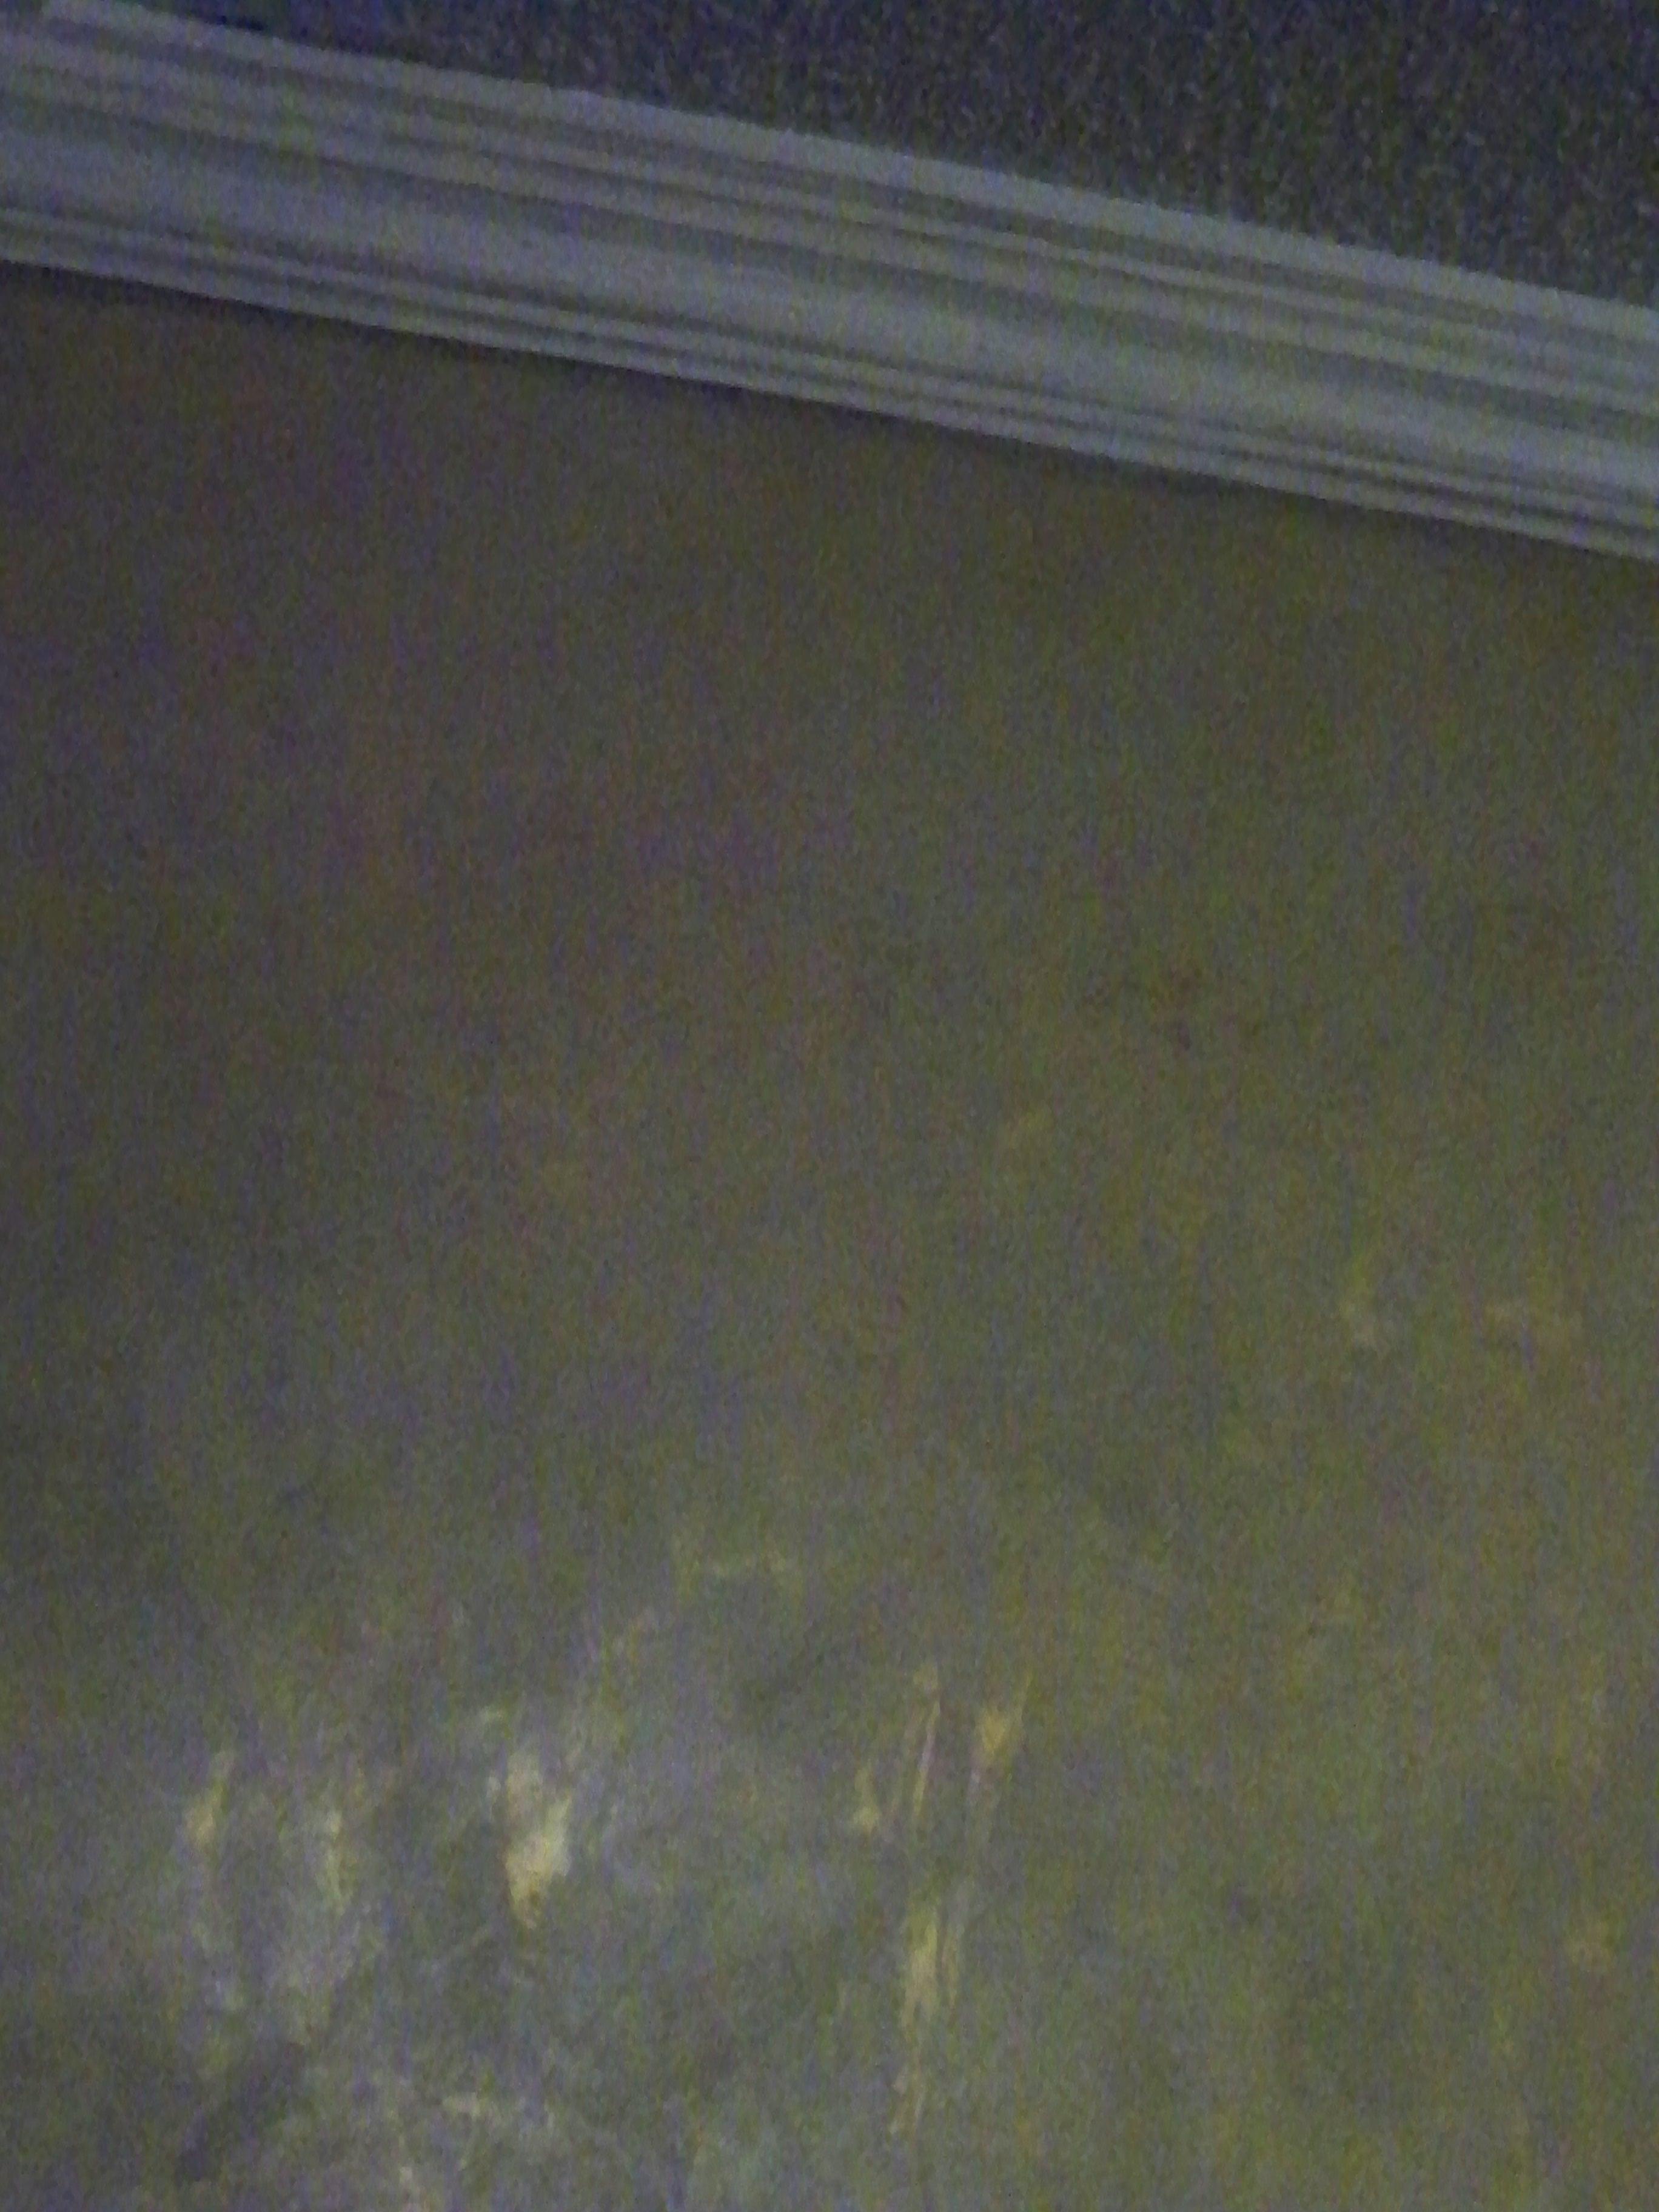 Murals By Marg Front Foyer Venetian Plaster 16.JPG